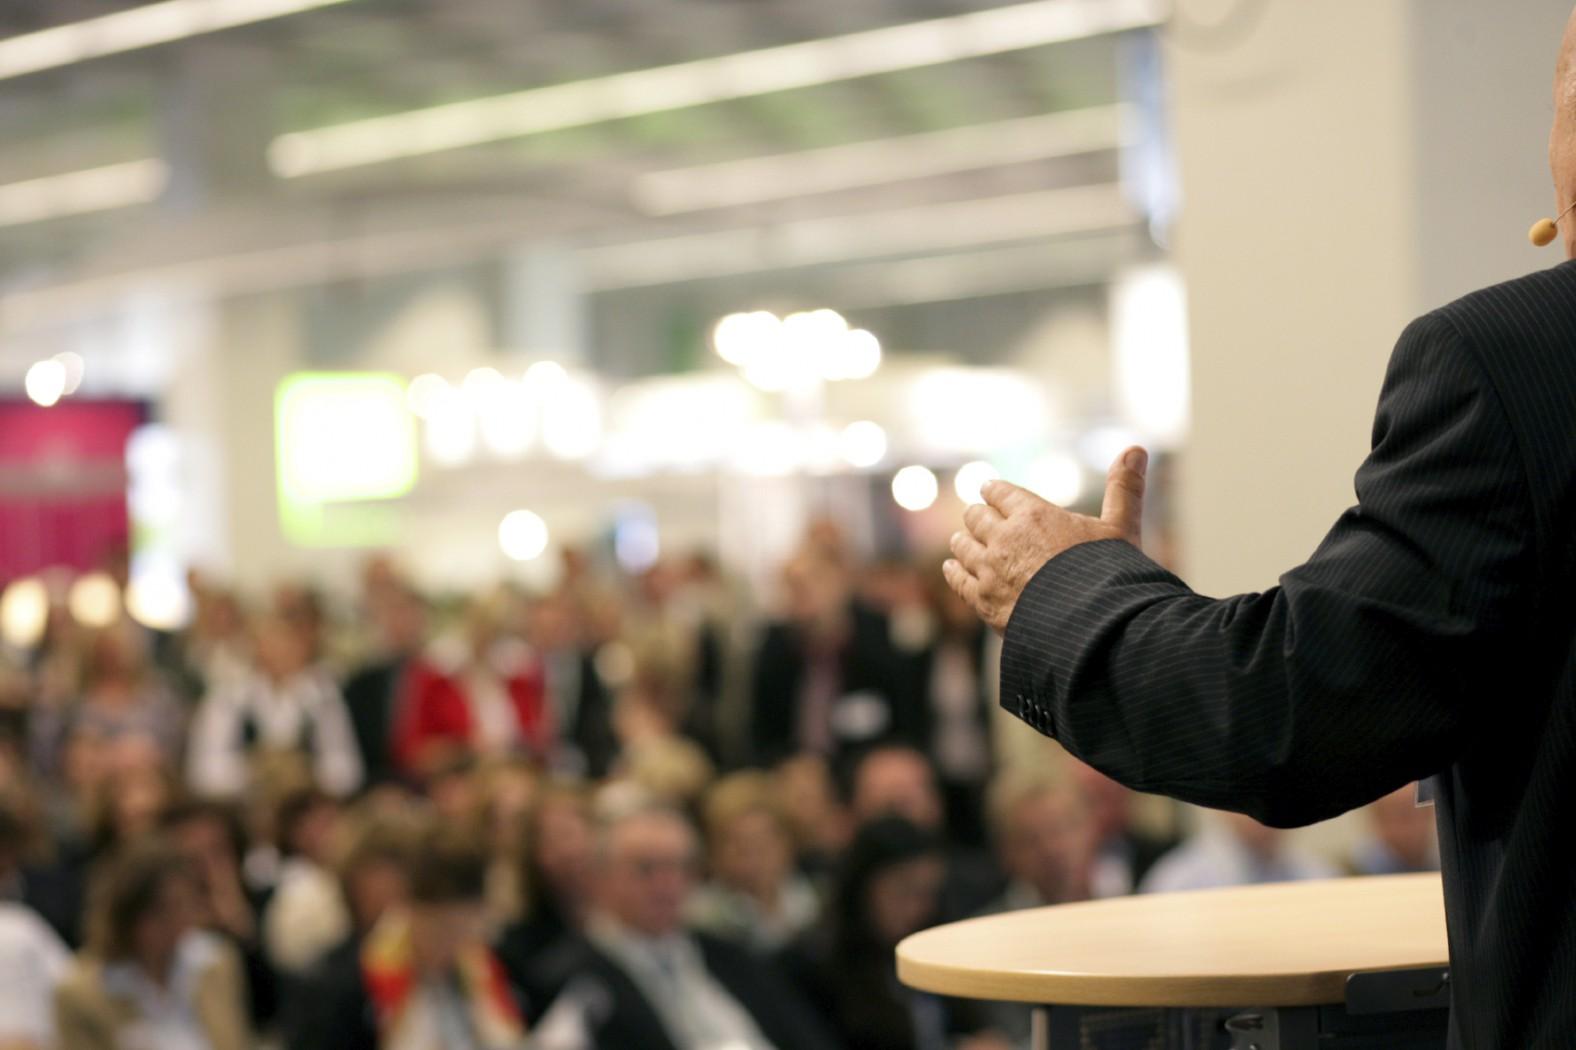 Як не боятись публічних виступів вінничанам розкажуть на дебатній школі